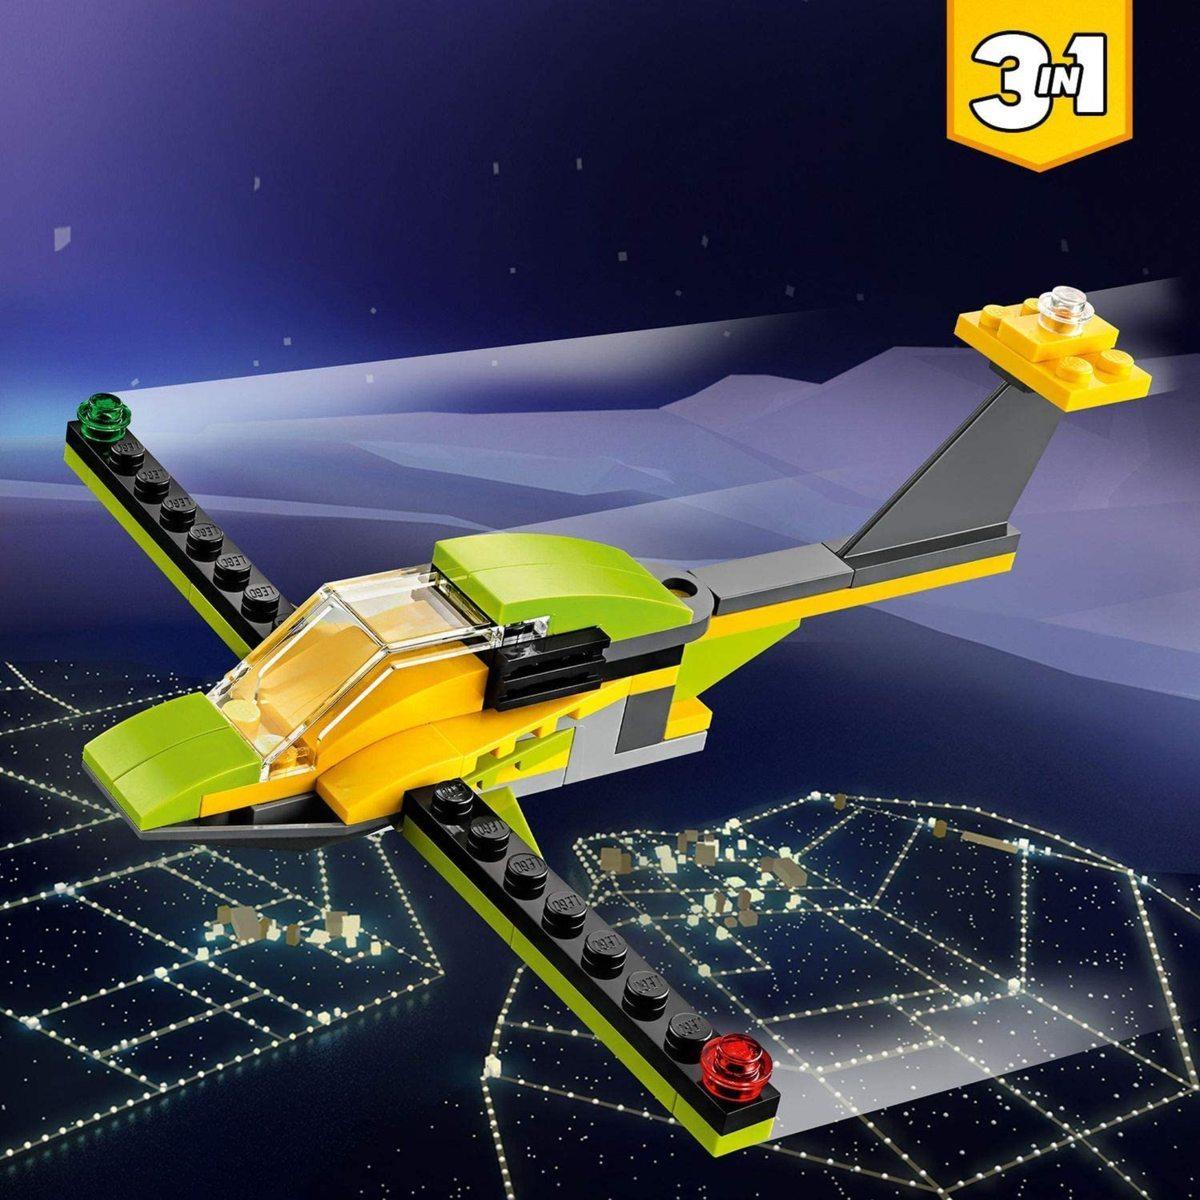 レゴ(LEGO) クリエイター ヘリコプター・アドベンチャー 31092 知育玩具 ブロック おもちゃ 女の子 男の子_画像4